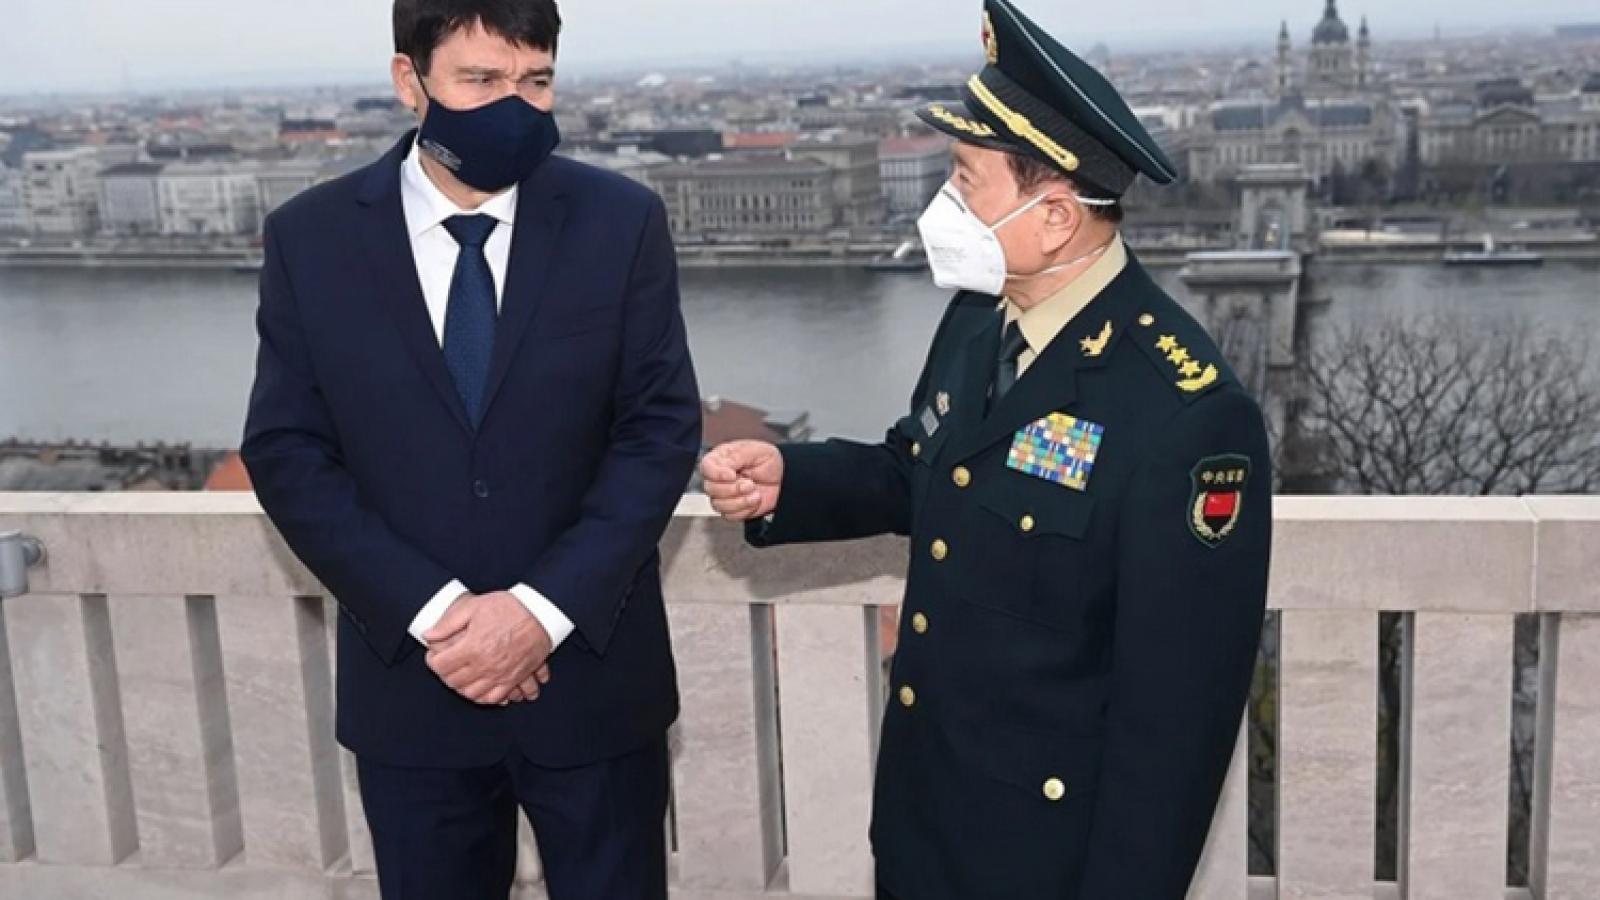 Trung Quốc đẩy mạnh ngoại giao quốc phòng tại châu Âu